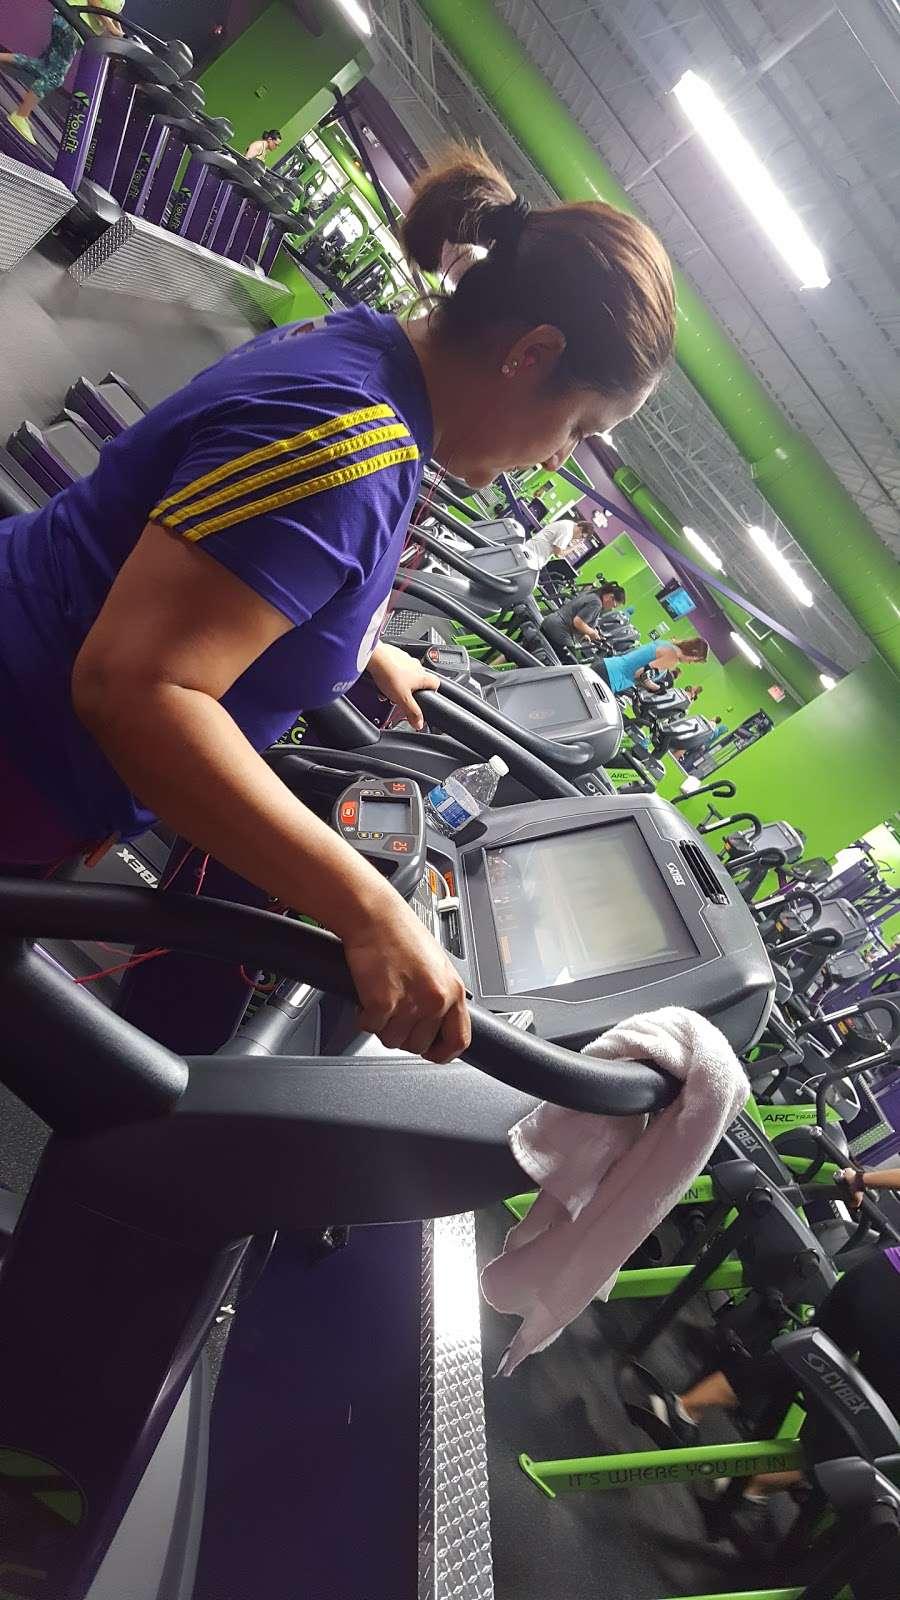 Youfit Health Clubs - gym  | Photo 6 of 10 | Address: 8942 W, W State Rd 84, Davie, FL 33324, USA | Phone: (954) 368-1658